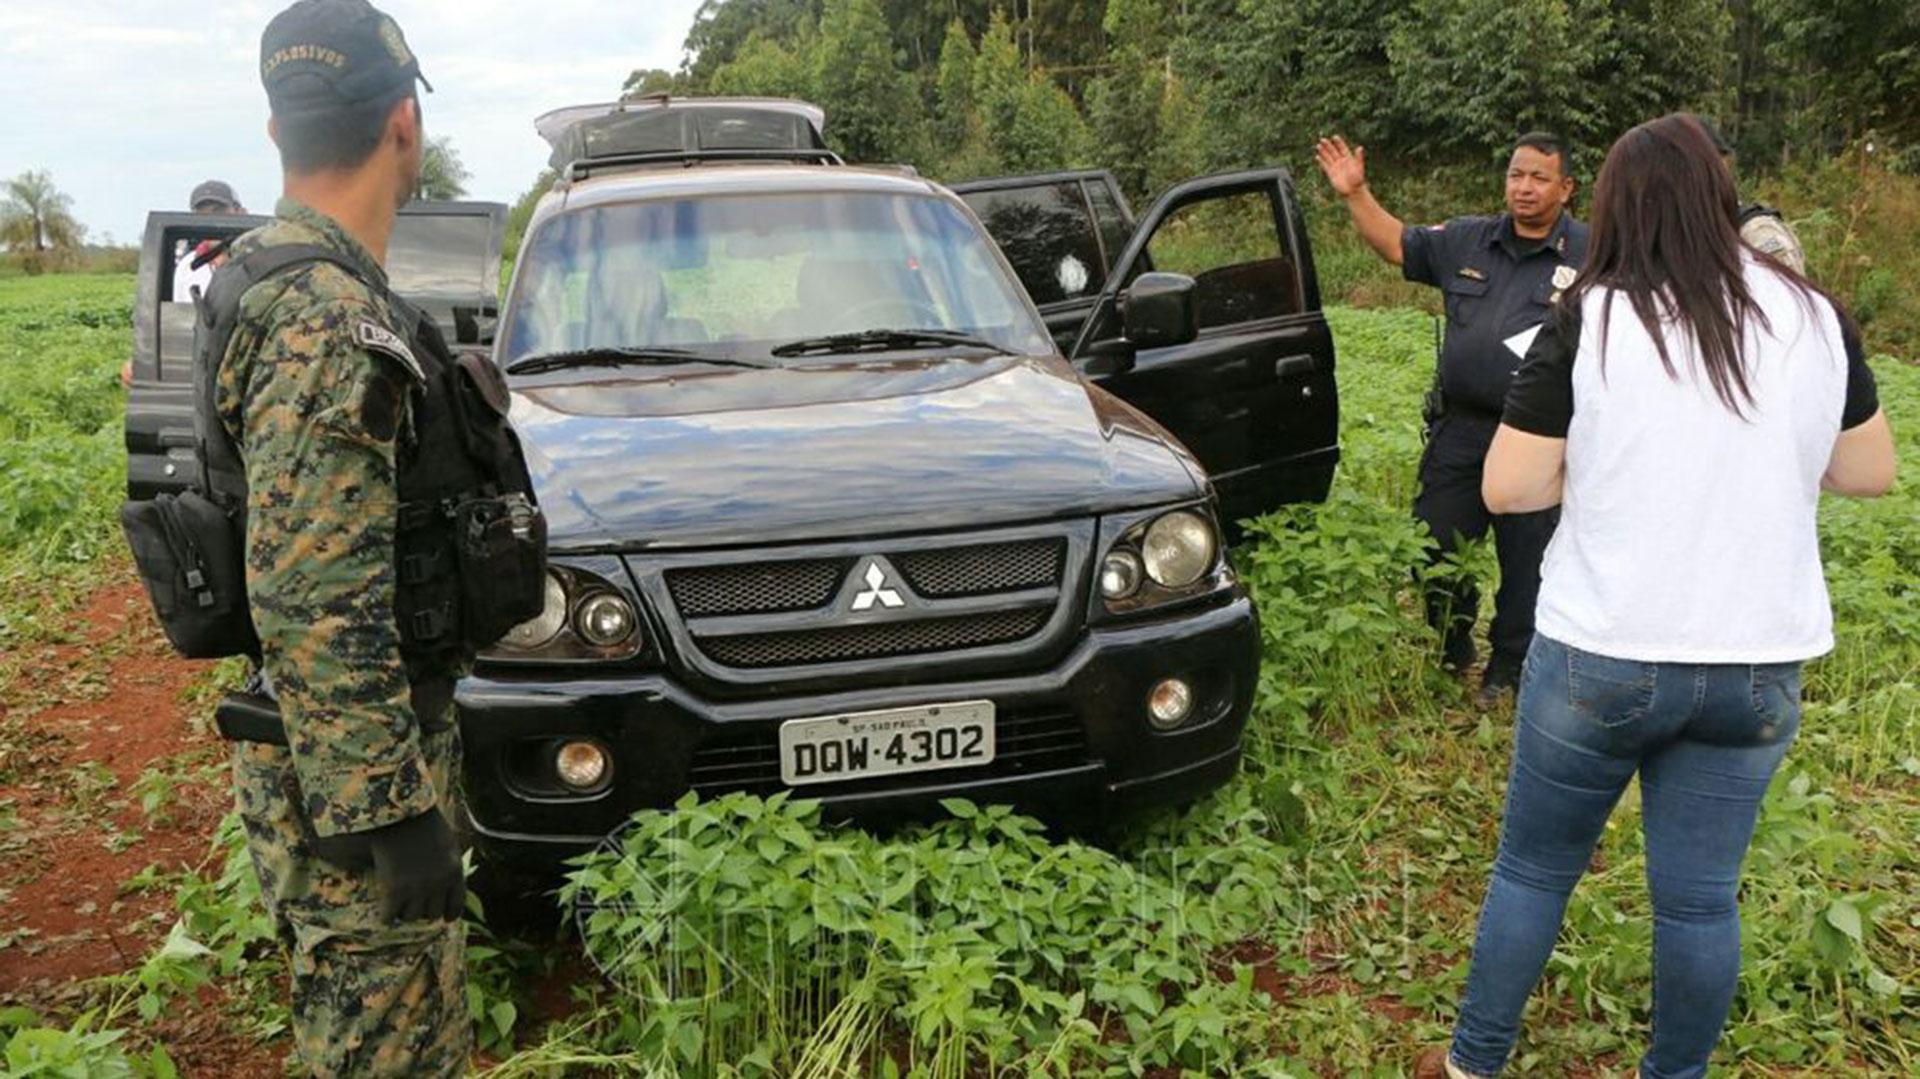 La camioneta Mitsubishi que usaron los delincuentes en el robo millonario del 24 de abril